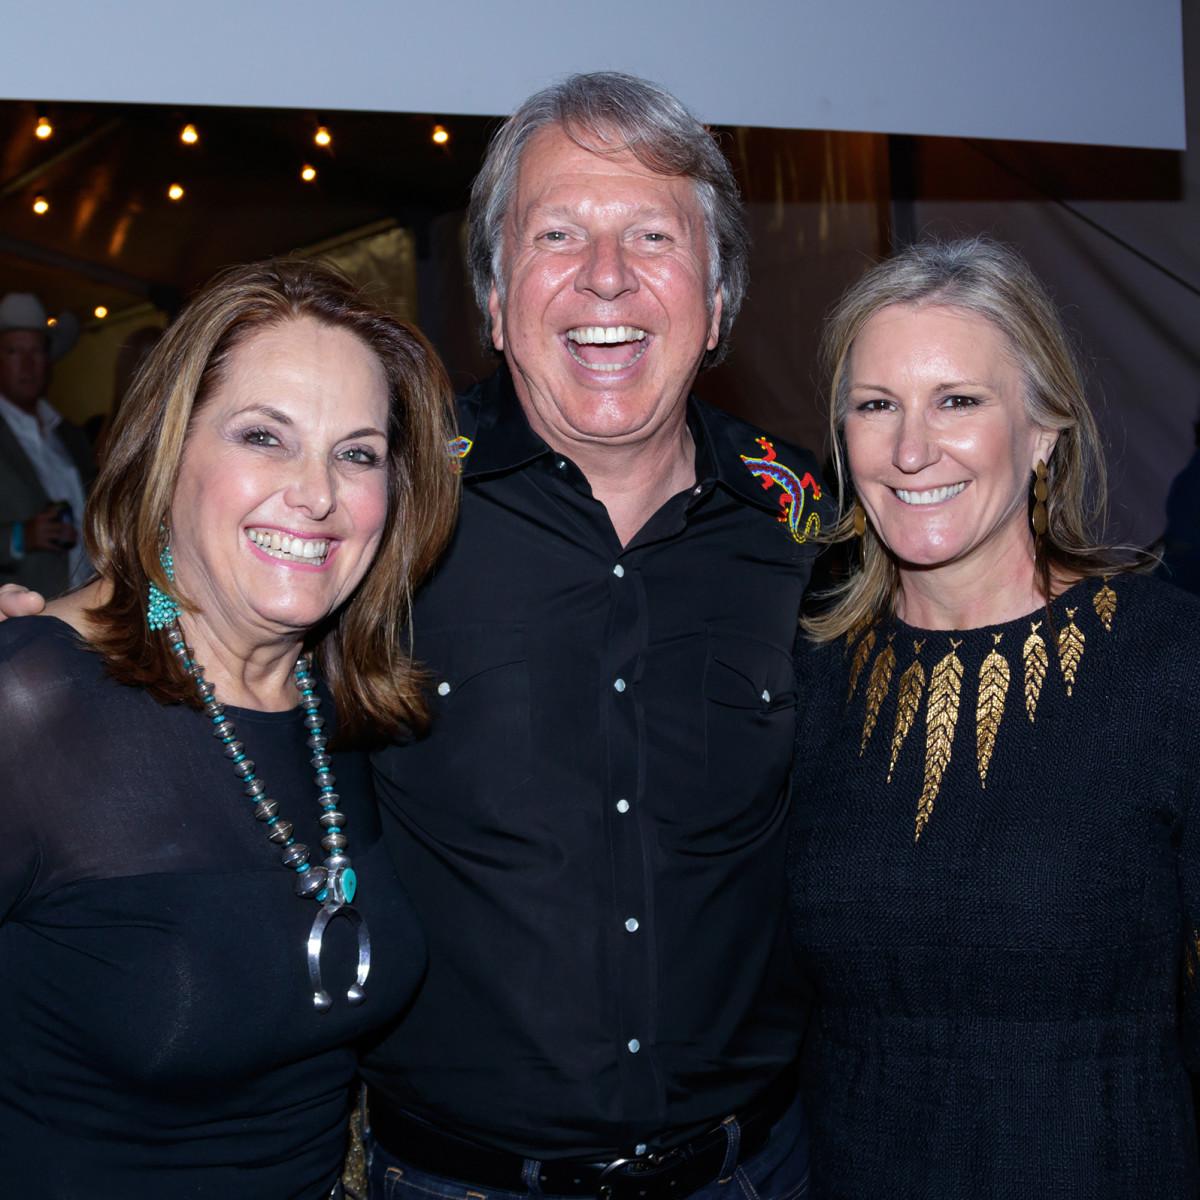 Ann Southerland, Dean Fearing, Wanda Gierhart, Cattle Barons 2017